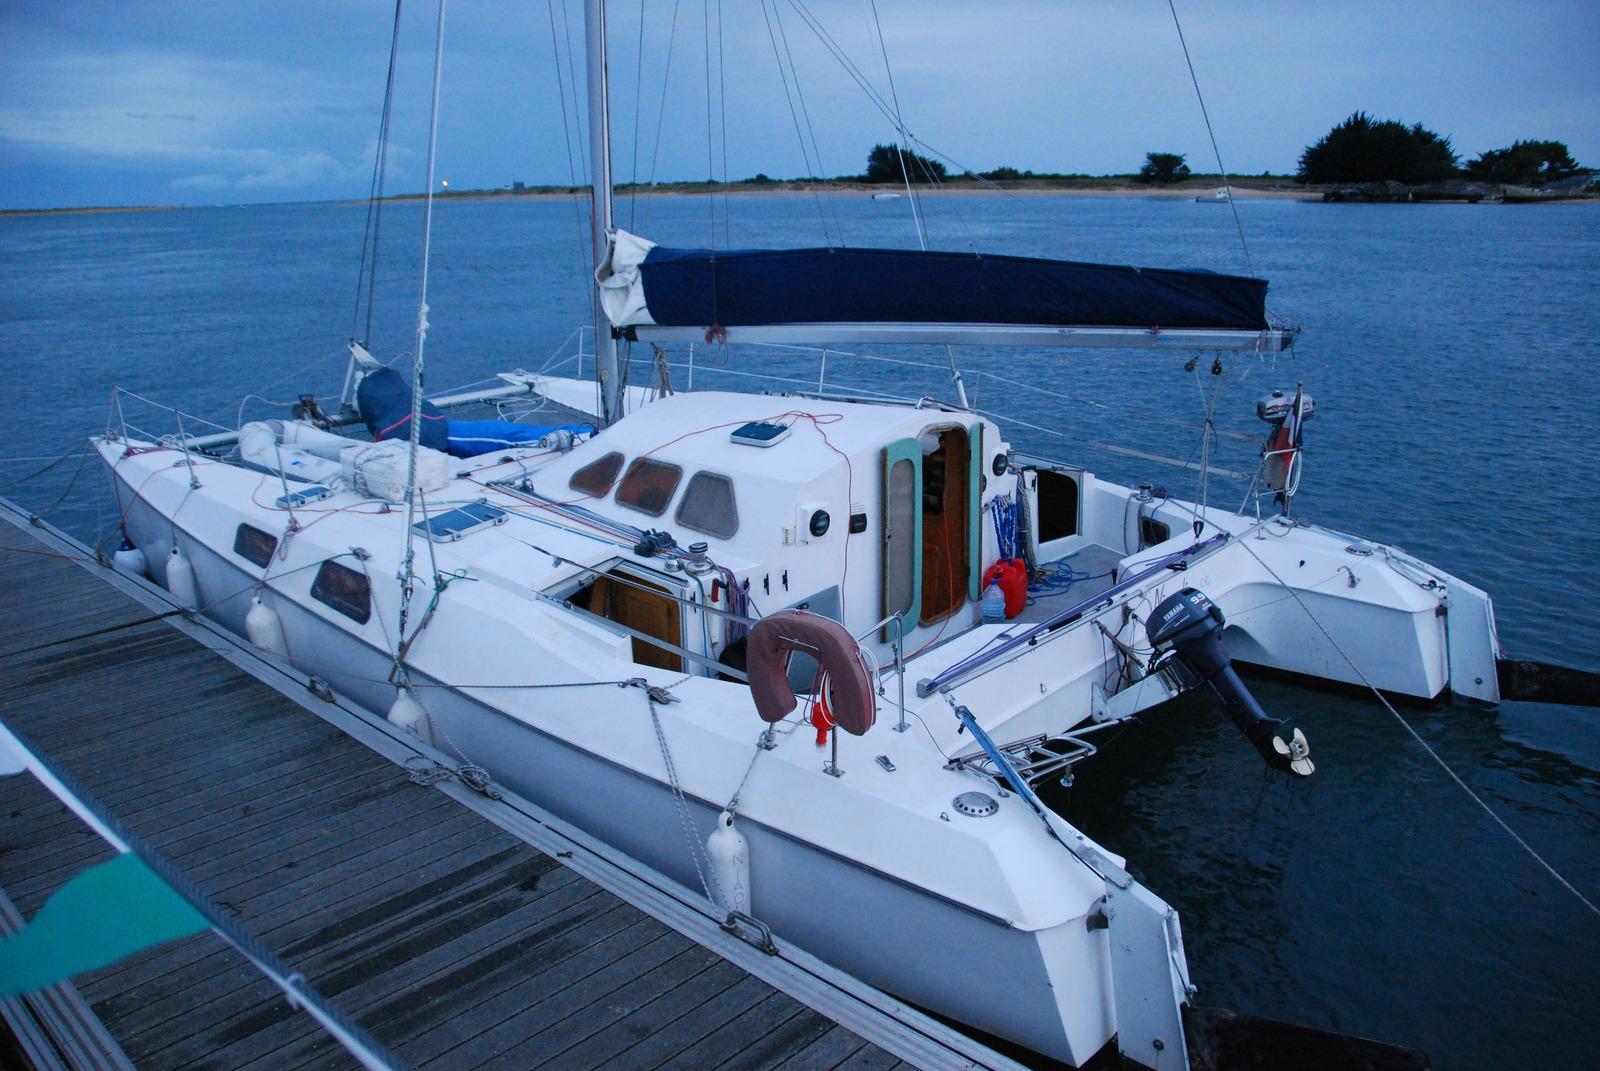 achat vente catamarans occasion louisiane 37 multicoques mag. Black Bedroom Furniture Sets. Home Design Ideas